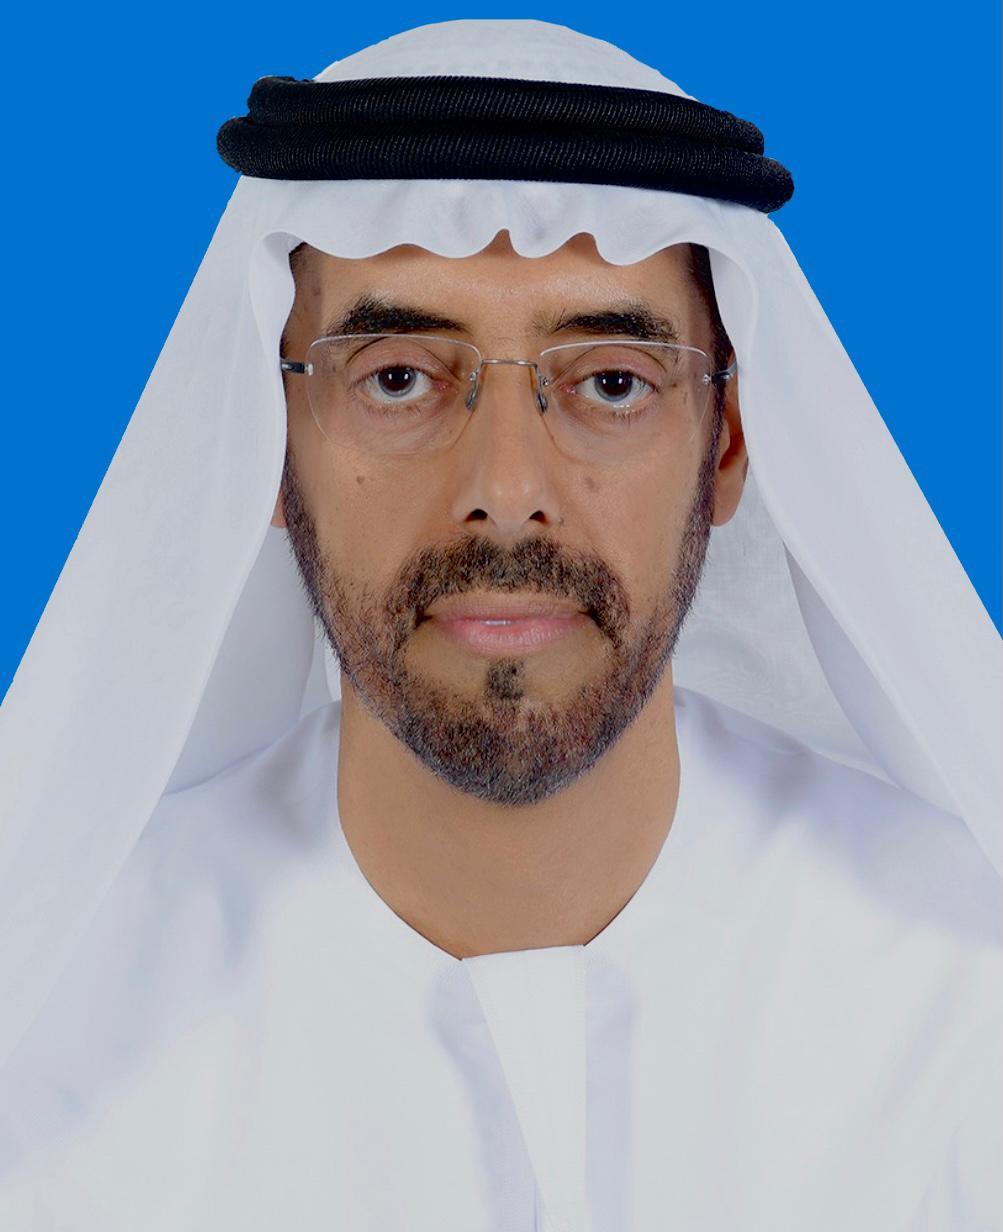 محمد بن شبيب الظاهري: يوم العلم مناسبة تجسّد مفاهيم الفخر والولاء للوطن